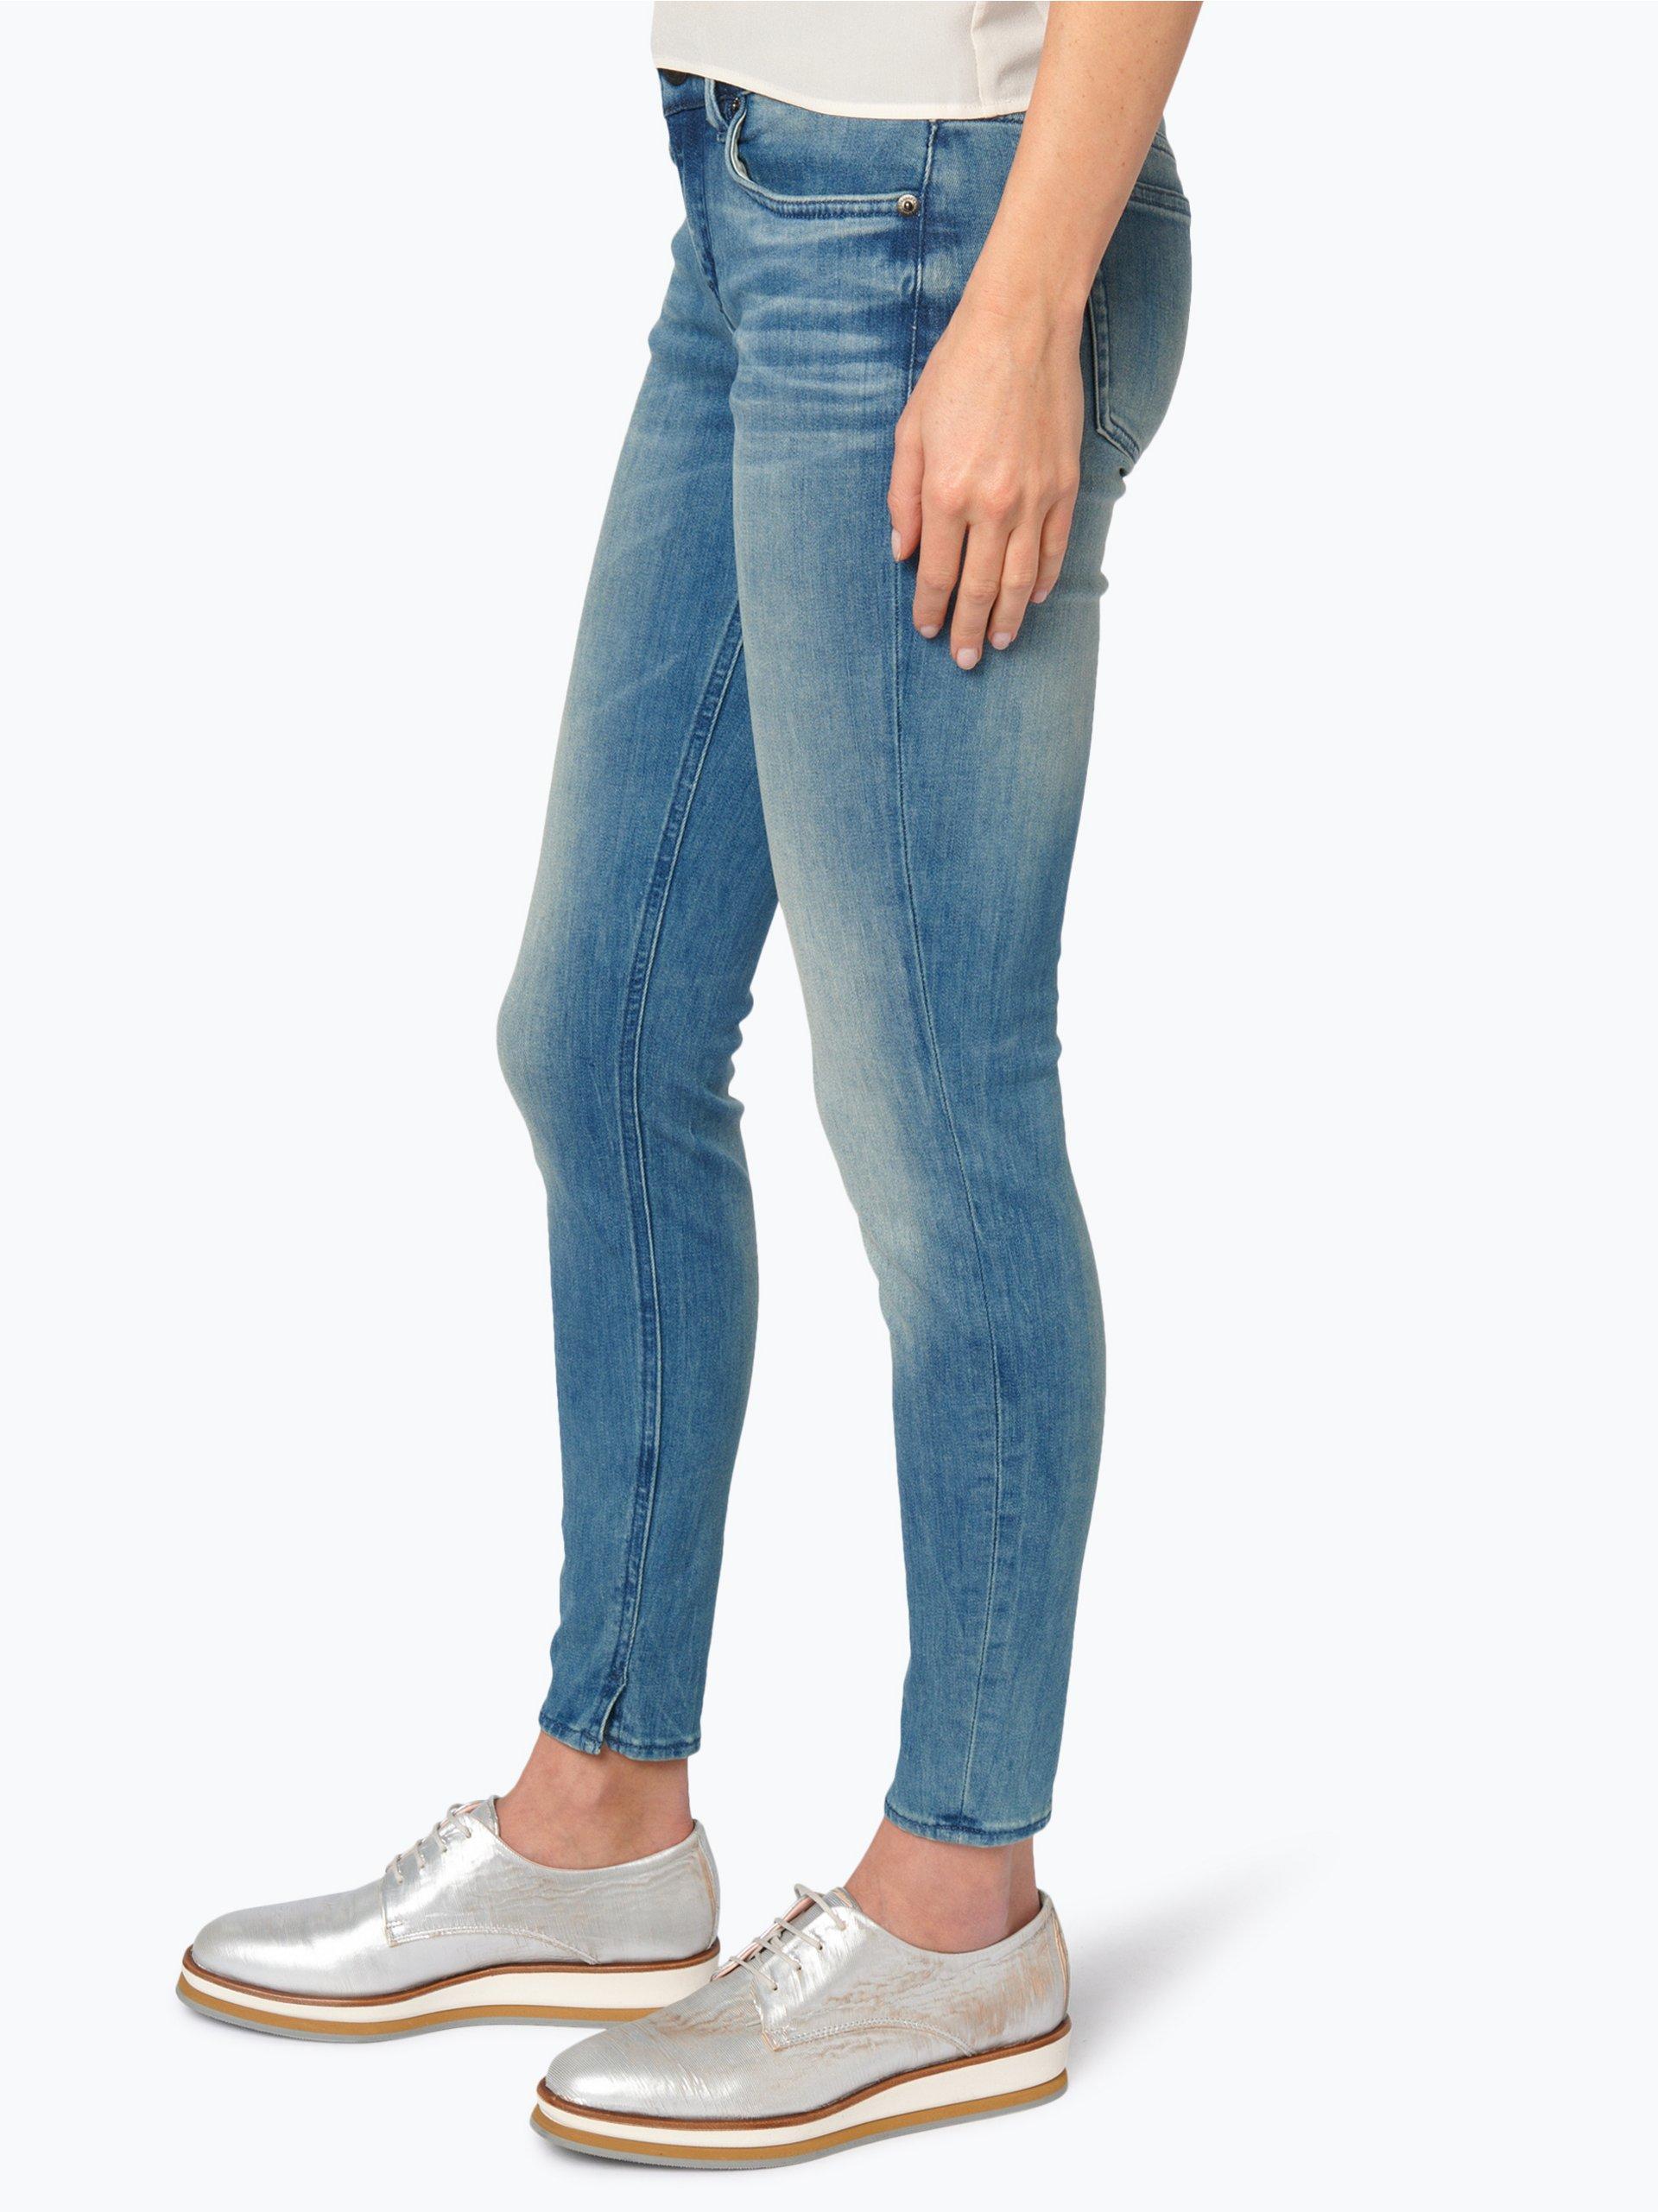 drykorn damen jeans movie blau uni online kaufen vangraaf com. Black Bedroom Furniture Sets. Home Design Ideas